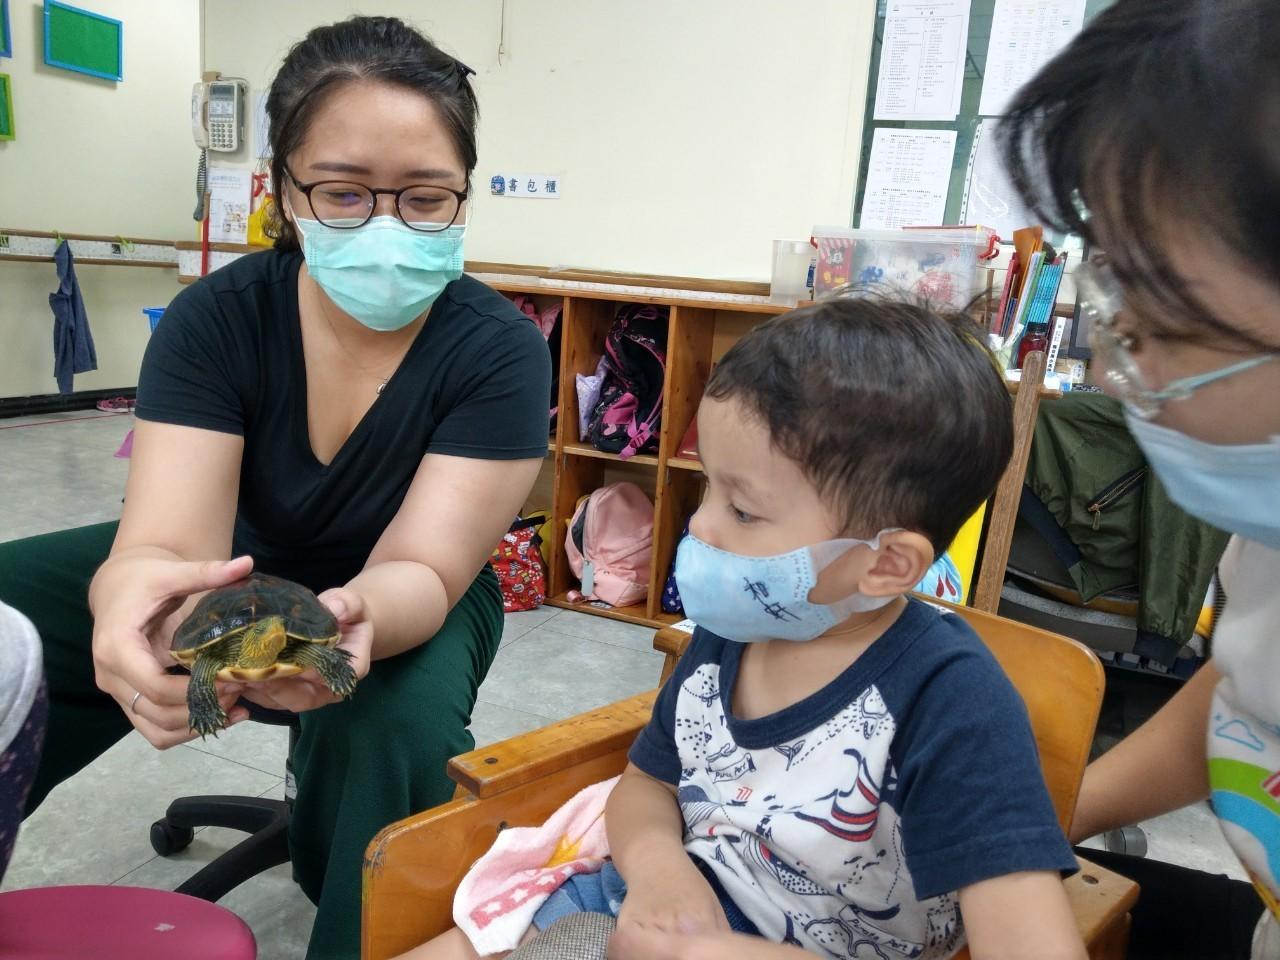 群組的一位媽咪為了讓中心的孩子能對動物的飼養、照顧有更多的瞭解,提議暫時將這位嬌客安置在中心成為孩子們的生命導師!